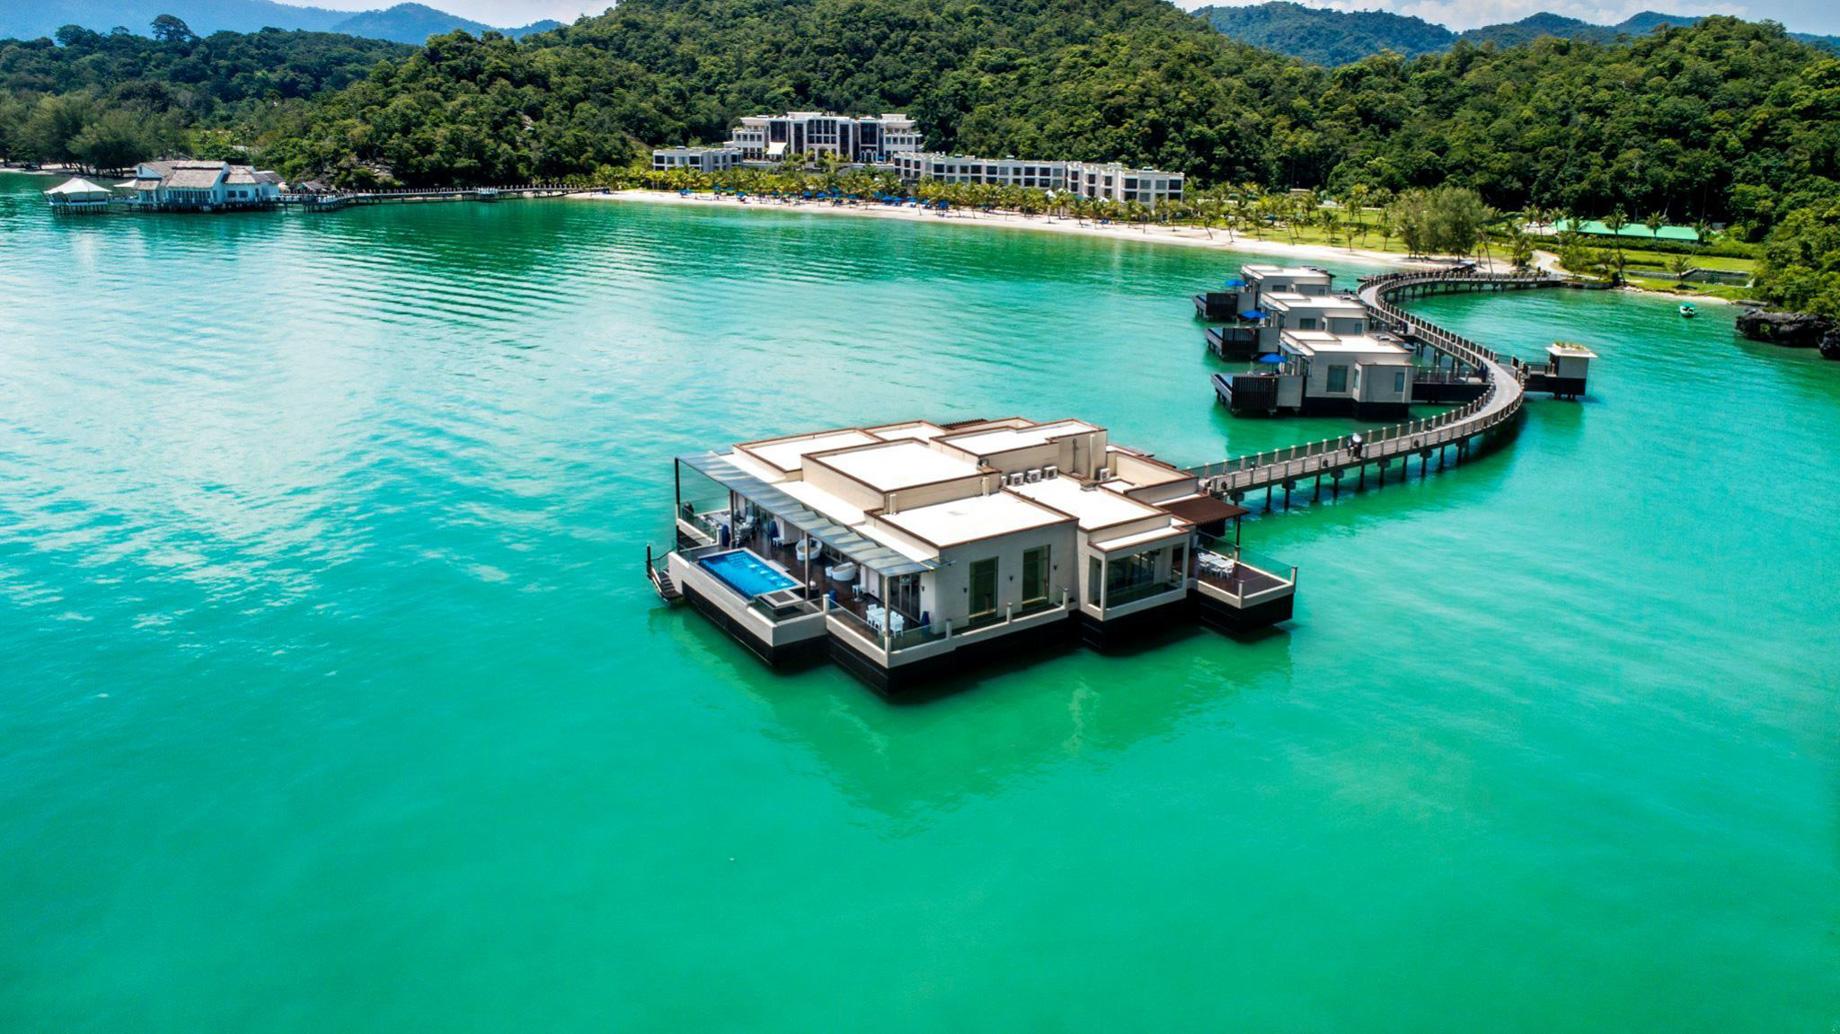 The St. Regis Langkawi Luxury Resort - Langkawi, Malaysia - The St Regis Langkawi Overwater Villas